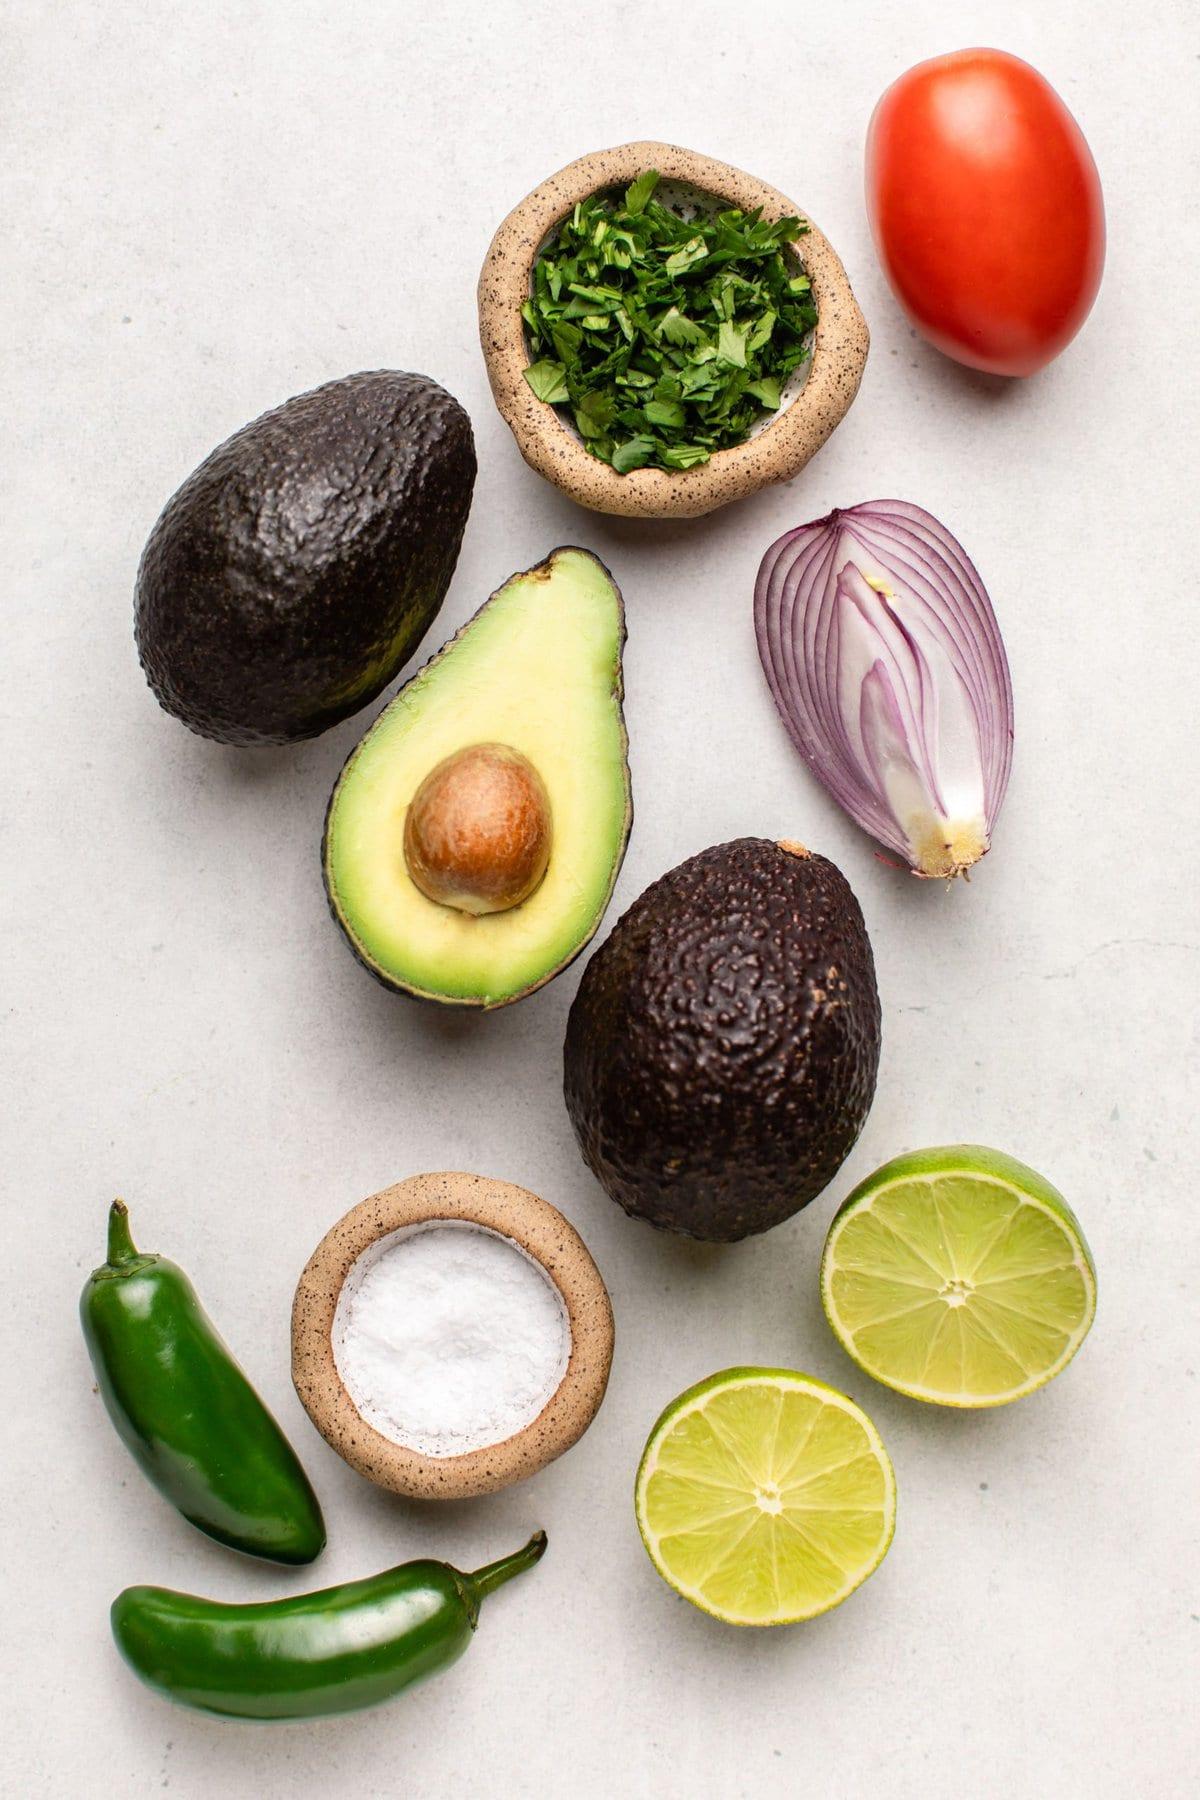 avocados, tomato, cilantro, jalapeno, lime, salt, and red onion on white background